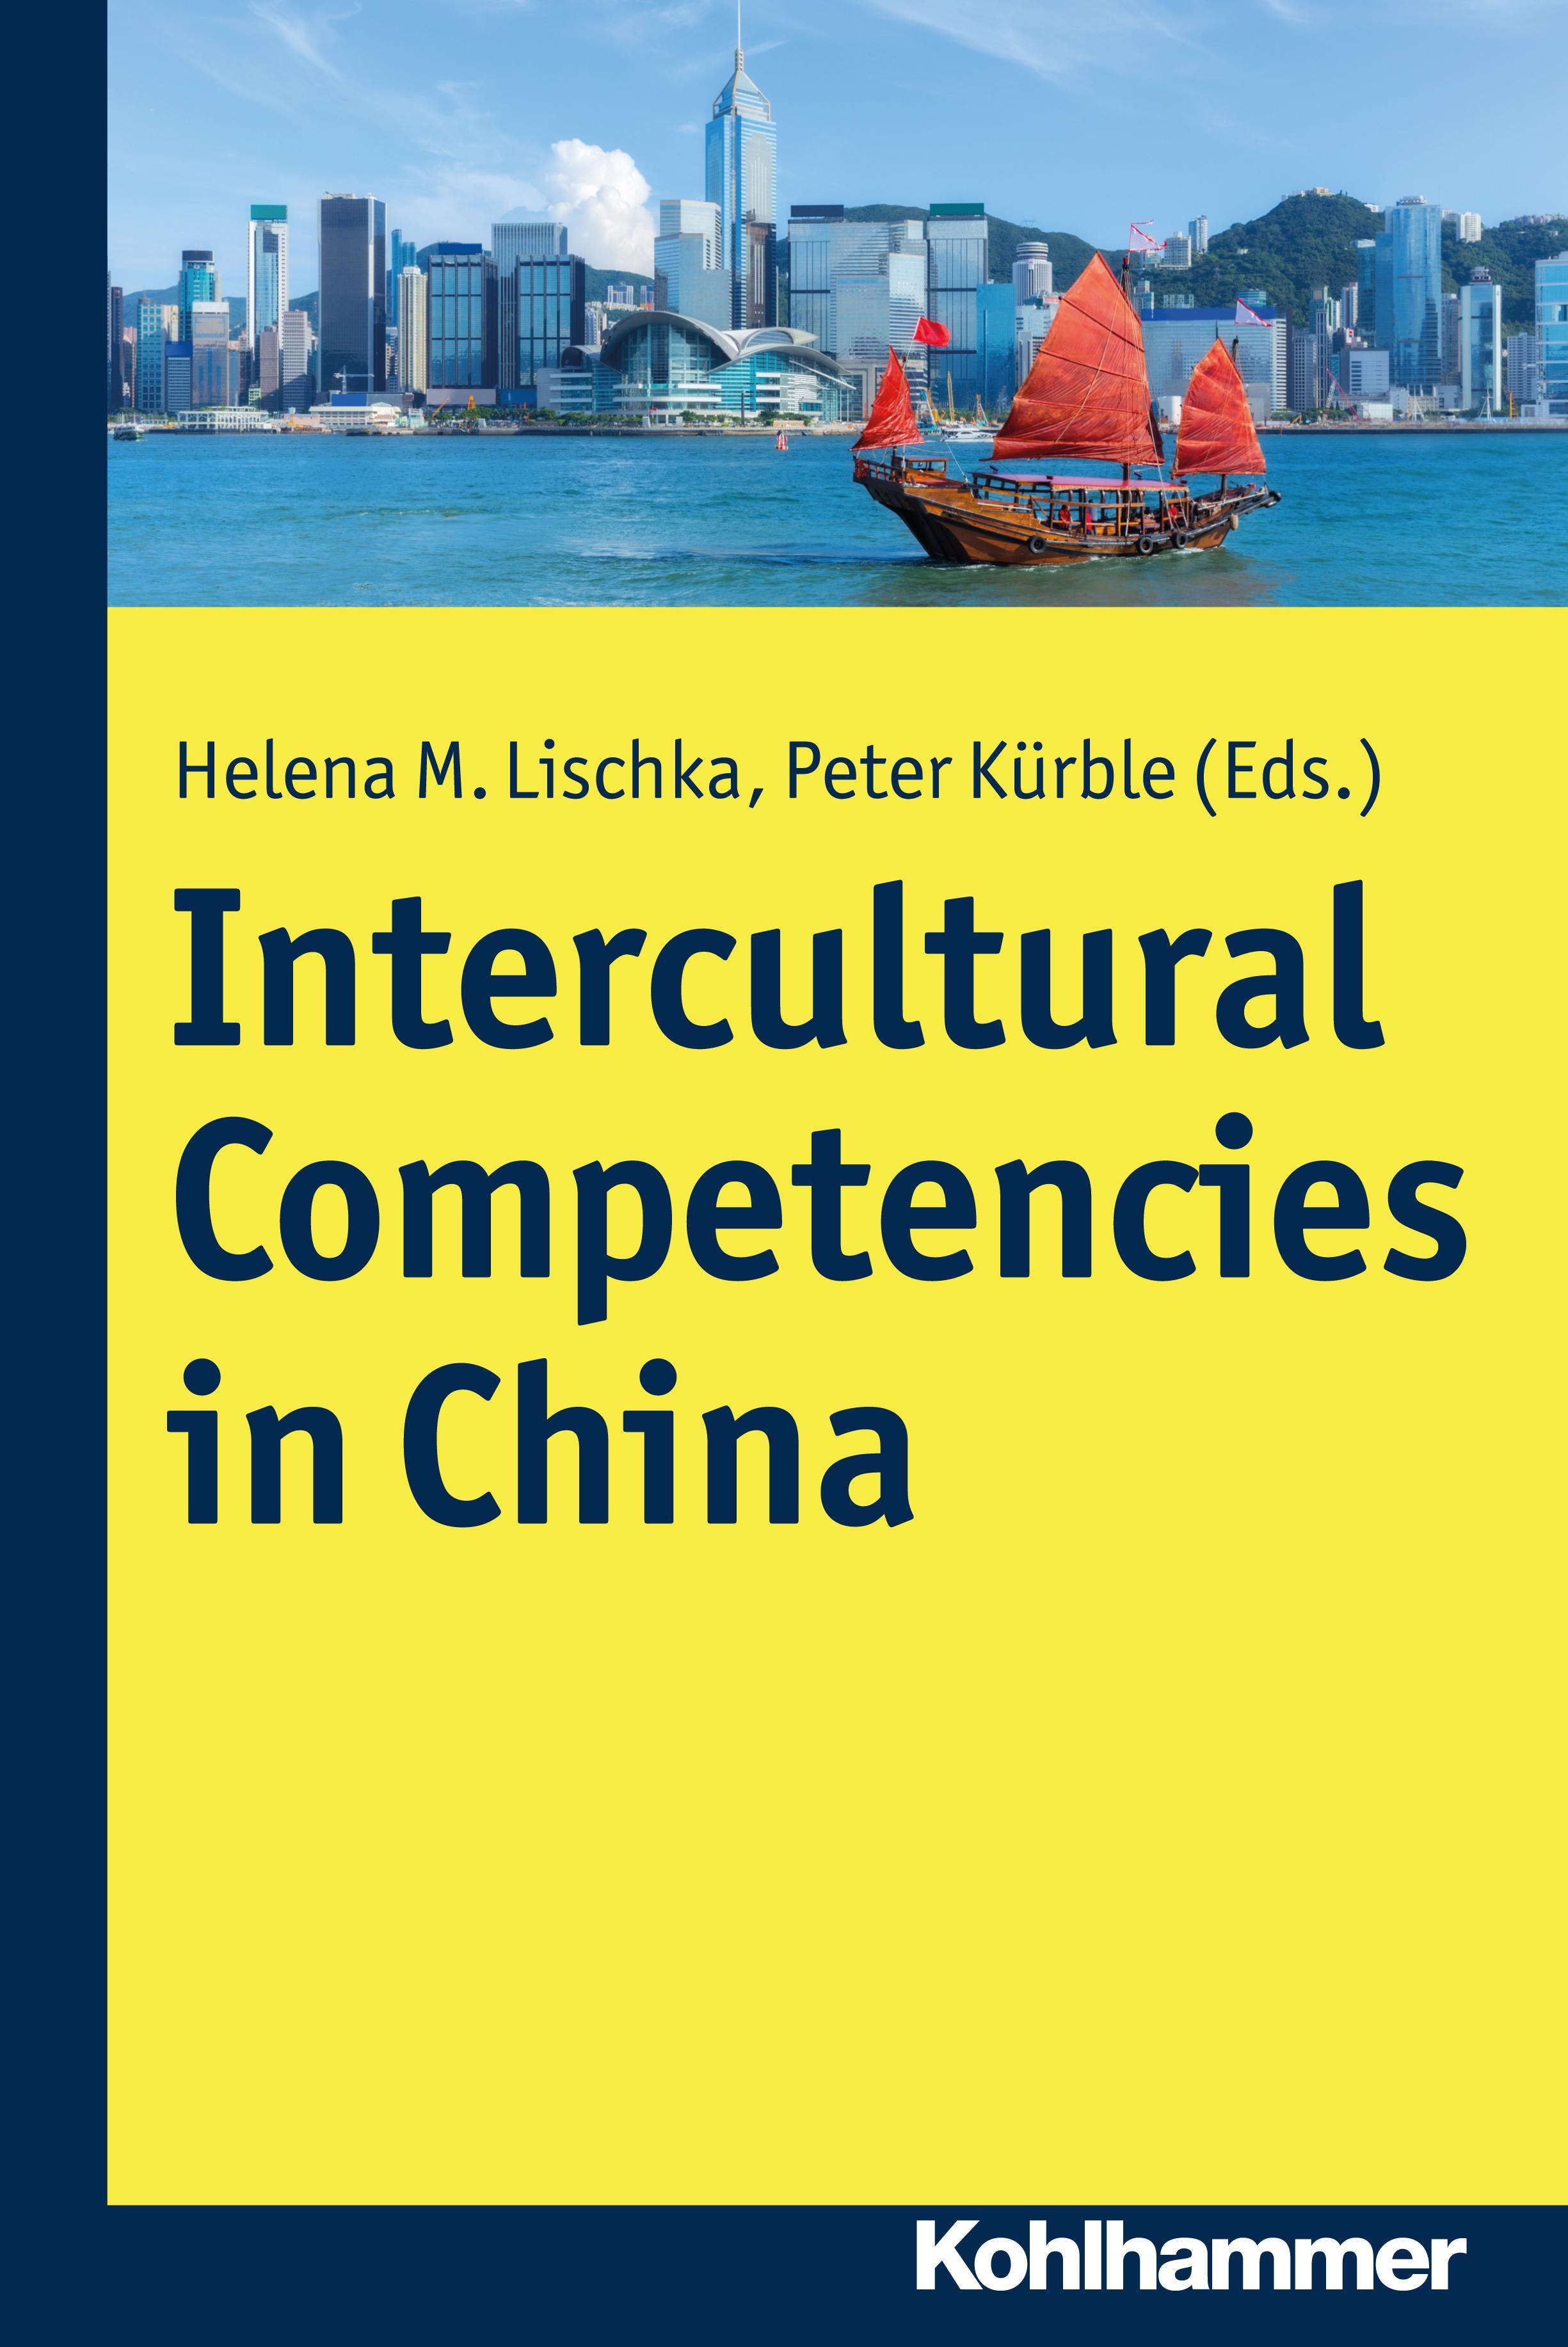 Intercultural-Competencies-in-China-Helena-Maria-Lischka